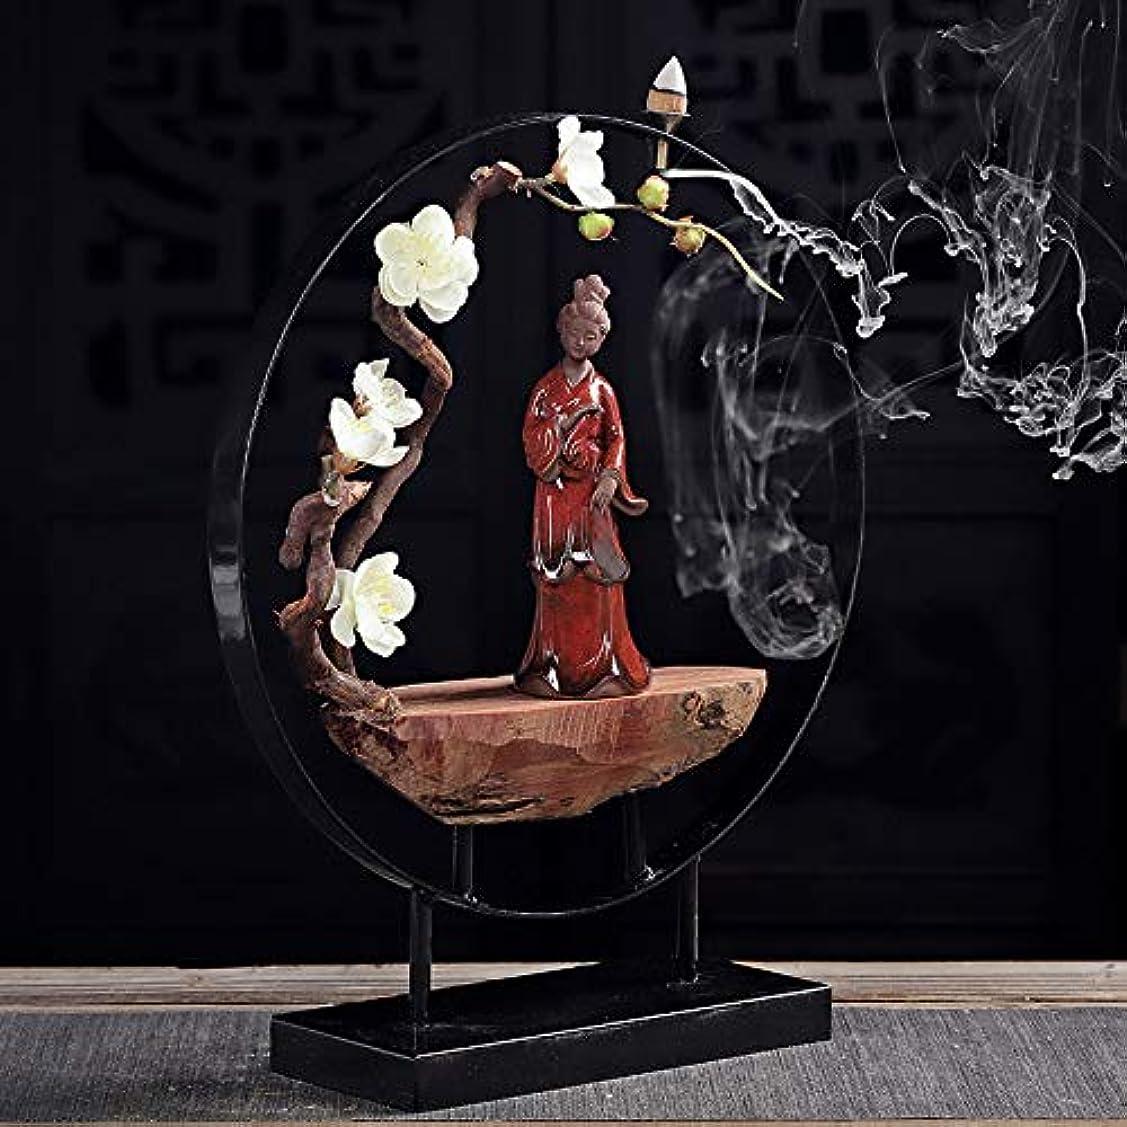 送信する風が強い貞デュアルユーススティック香炉とコニカル香炉セラミック香炉像逆流香バーナーフレグランススティックフレーム30 * 35センチ